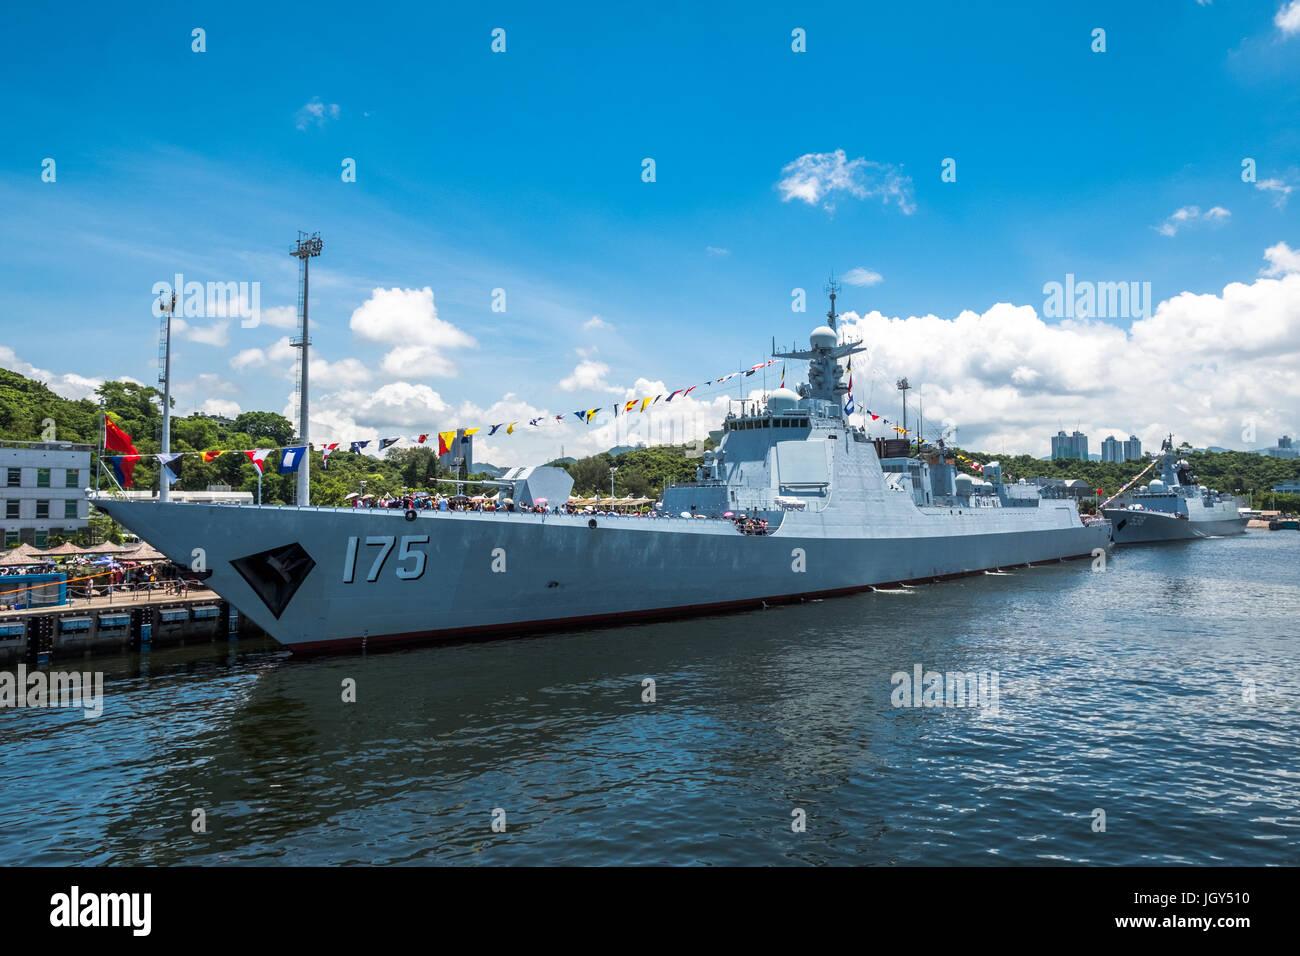 Ngong Shuen Chau Naval Base, Hong Kong  - June 9, 2017 : Yinchuan (number 175) missile destroyer visited Hong Kong Stock Photo